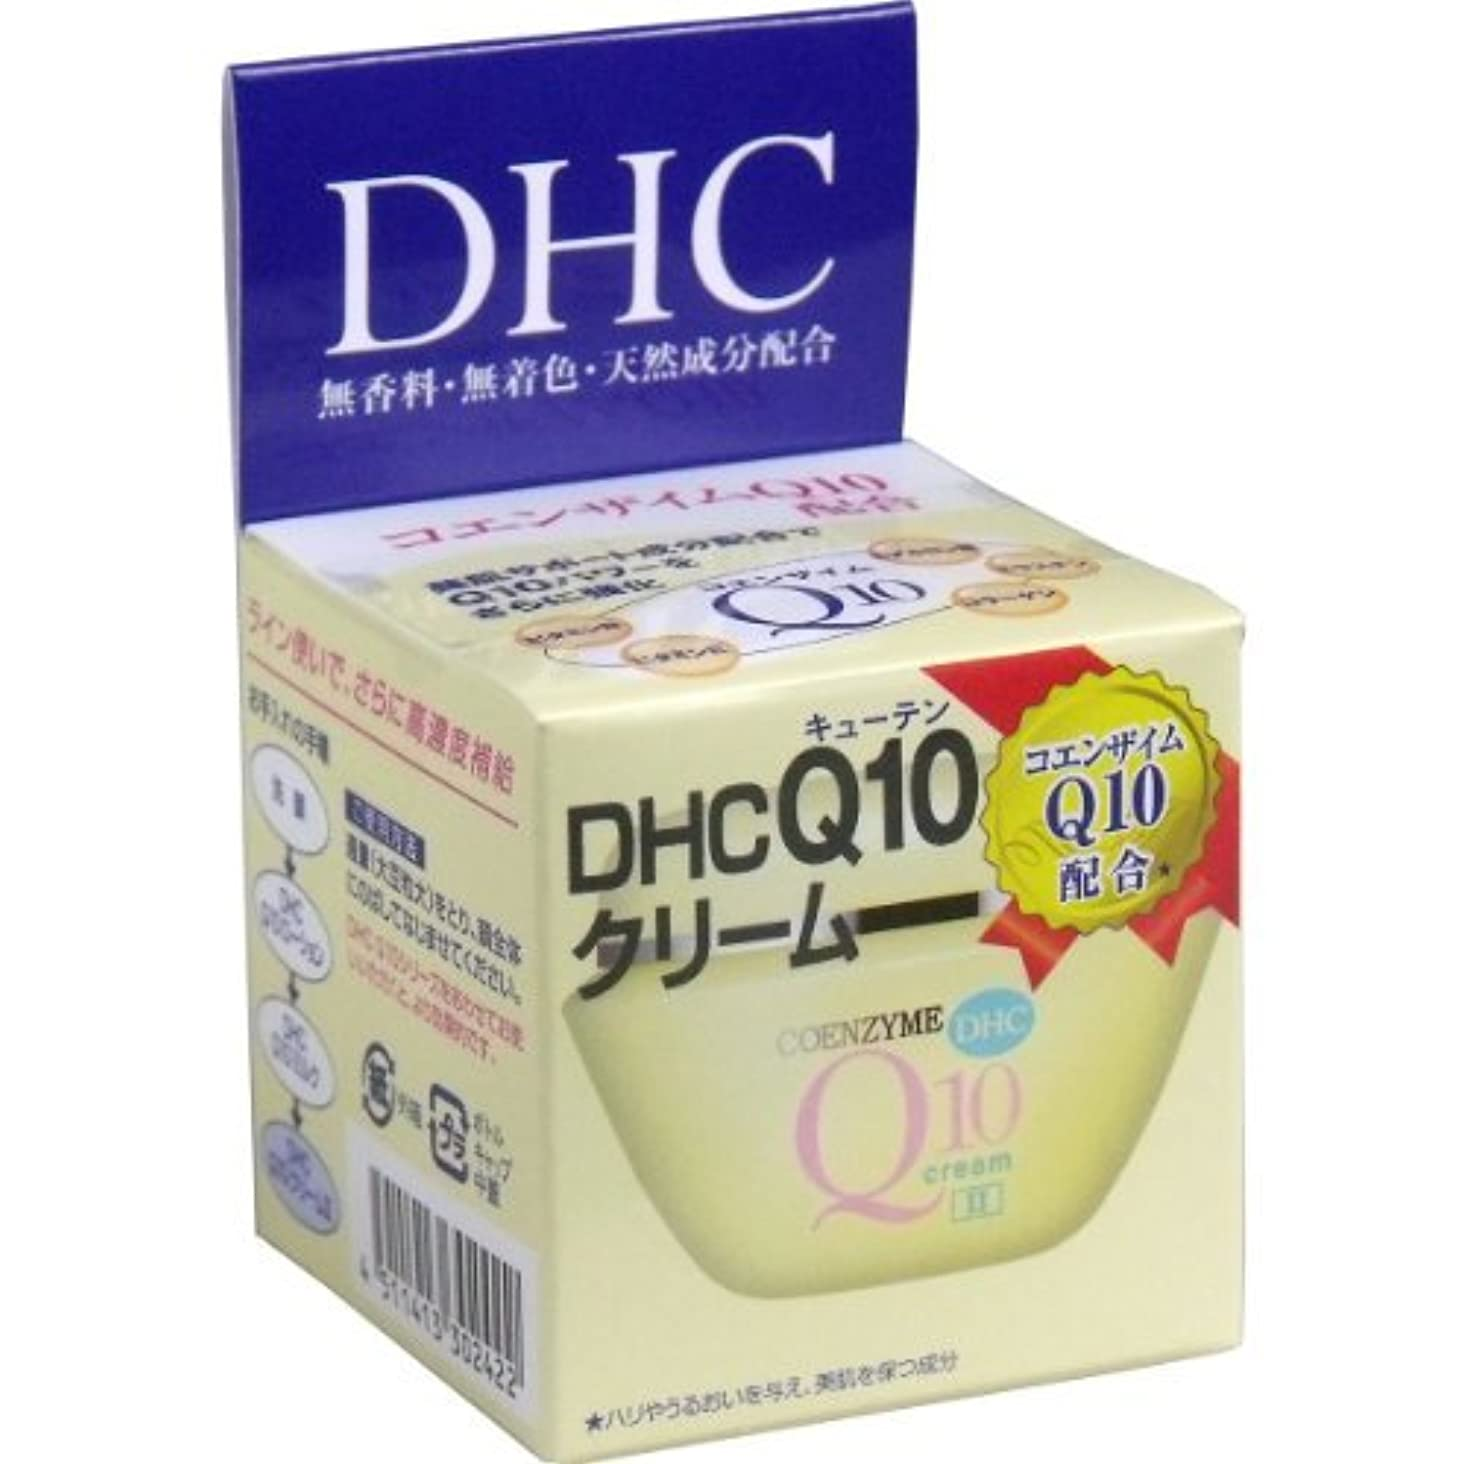 弱点メリー試してみる【DHC】DHC Q10クリーム2 (SS) 20g ×5個セット